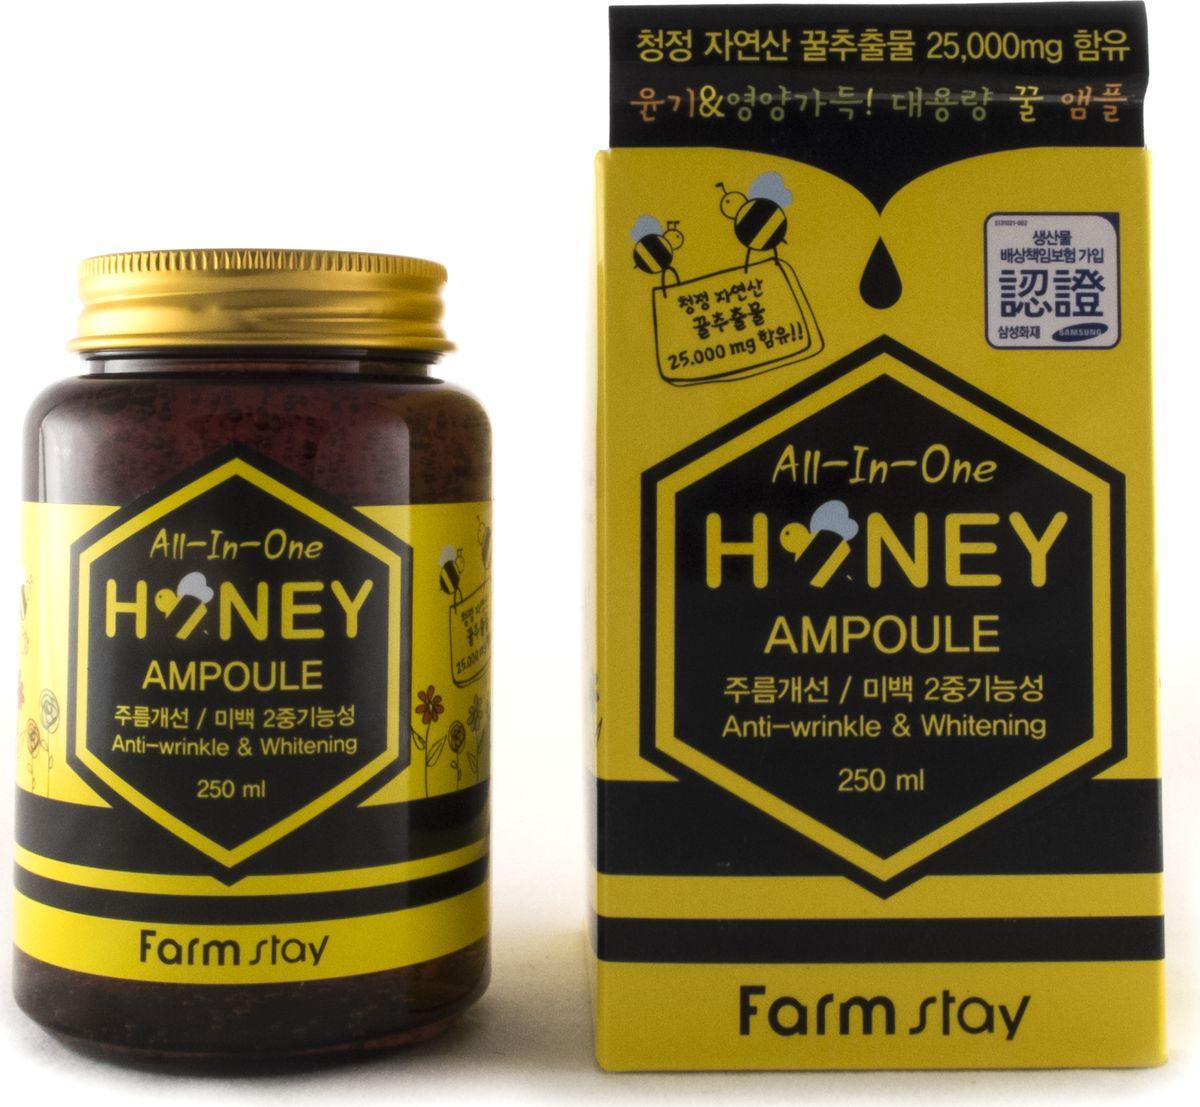 FarmStay Многофункциональная ампульная сыворотка с медом, 250 млFS-00897Ампульная сыворотка с медом представляет собой натуральный жидкий экстракт 3 в 1: содержит экстракты меда, пчелиного маточного молочка и прополиса. Соединения витаминов В1, В2, В6 и пантотеновой кислоты и т.д., дают мощный увлажняющий эффект, предотвращают сухость и помогают управлять увлажнением кожи. Кроме того, он омолаживает кожу изнутри, т.к. эти элементы стимулируют обновление кожи. Аденозин, содержащийся в экстракте помогает разглаживать морщины, а ниацинамид – осветляет и защищает.